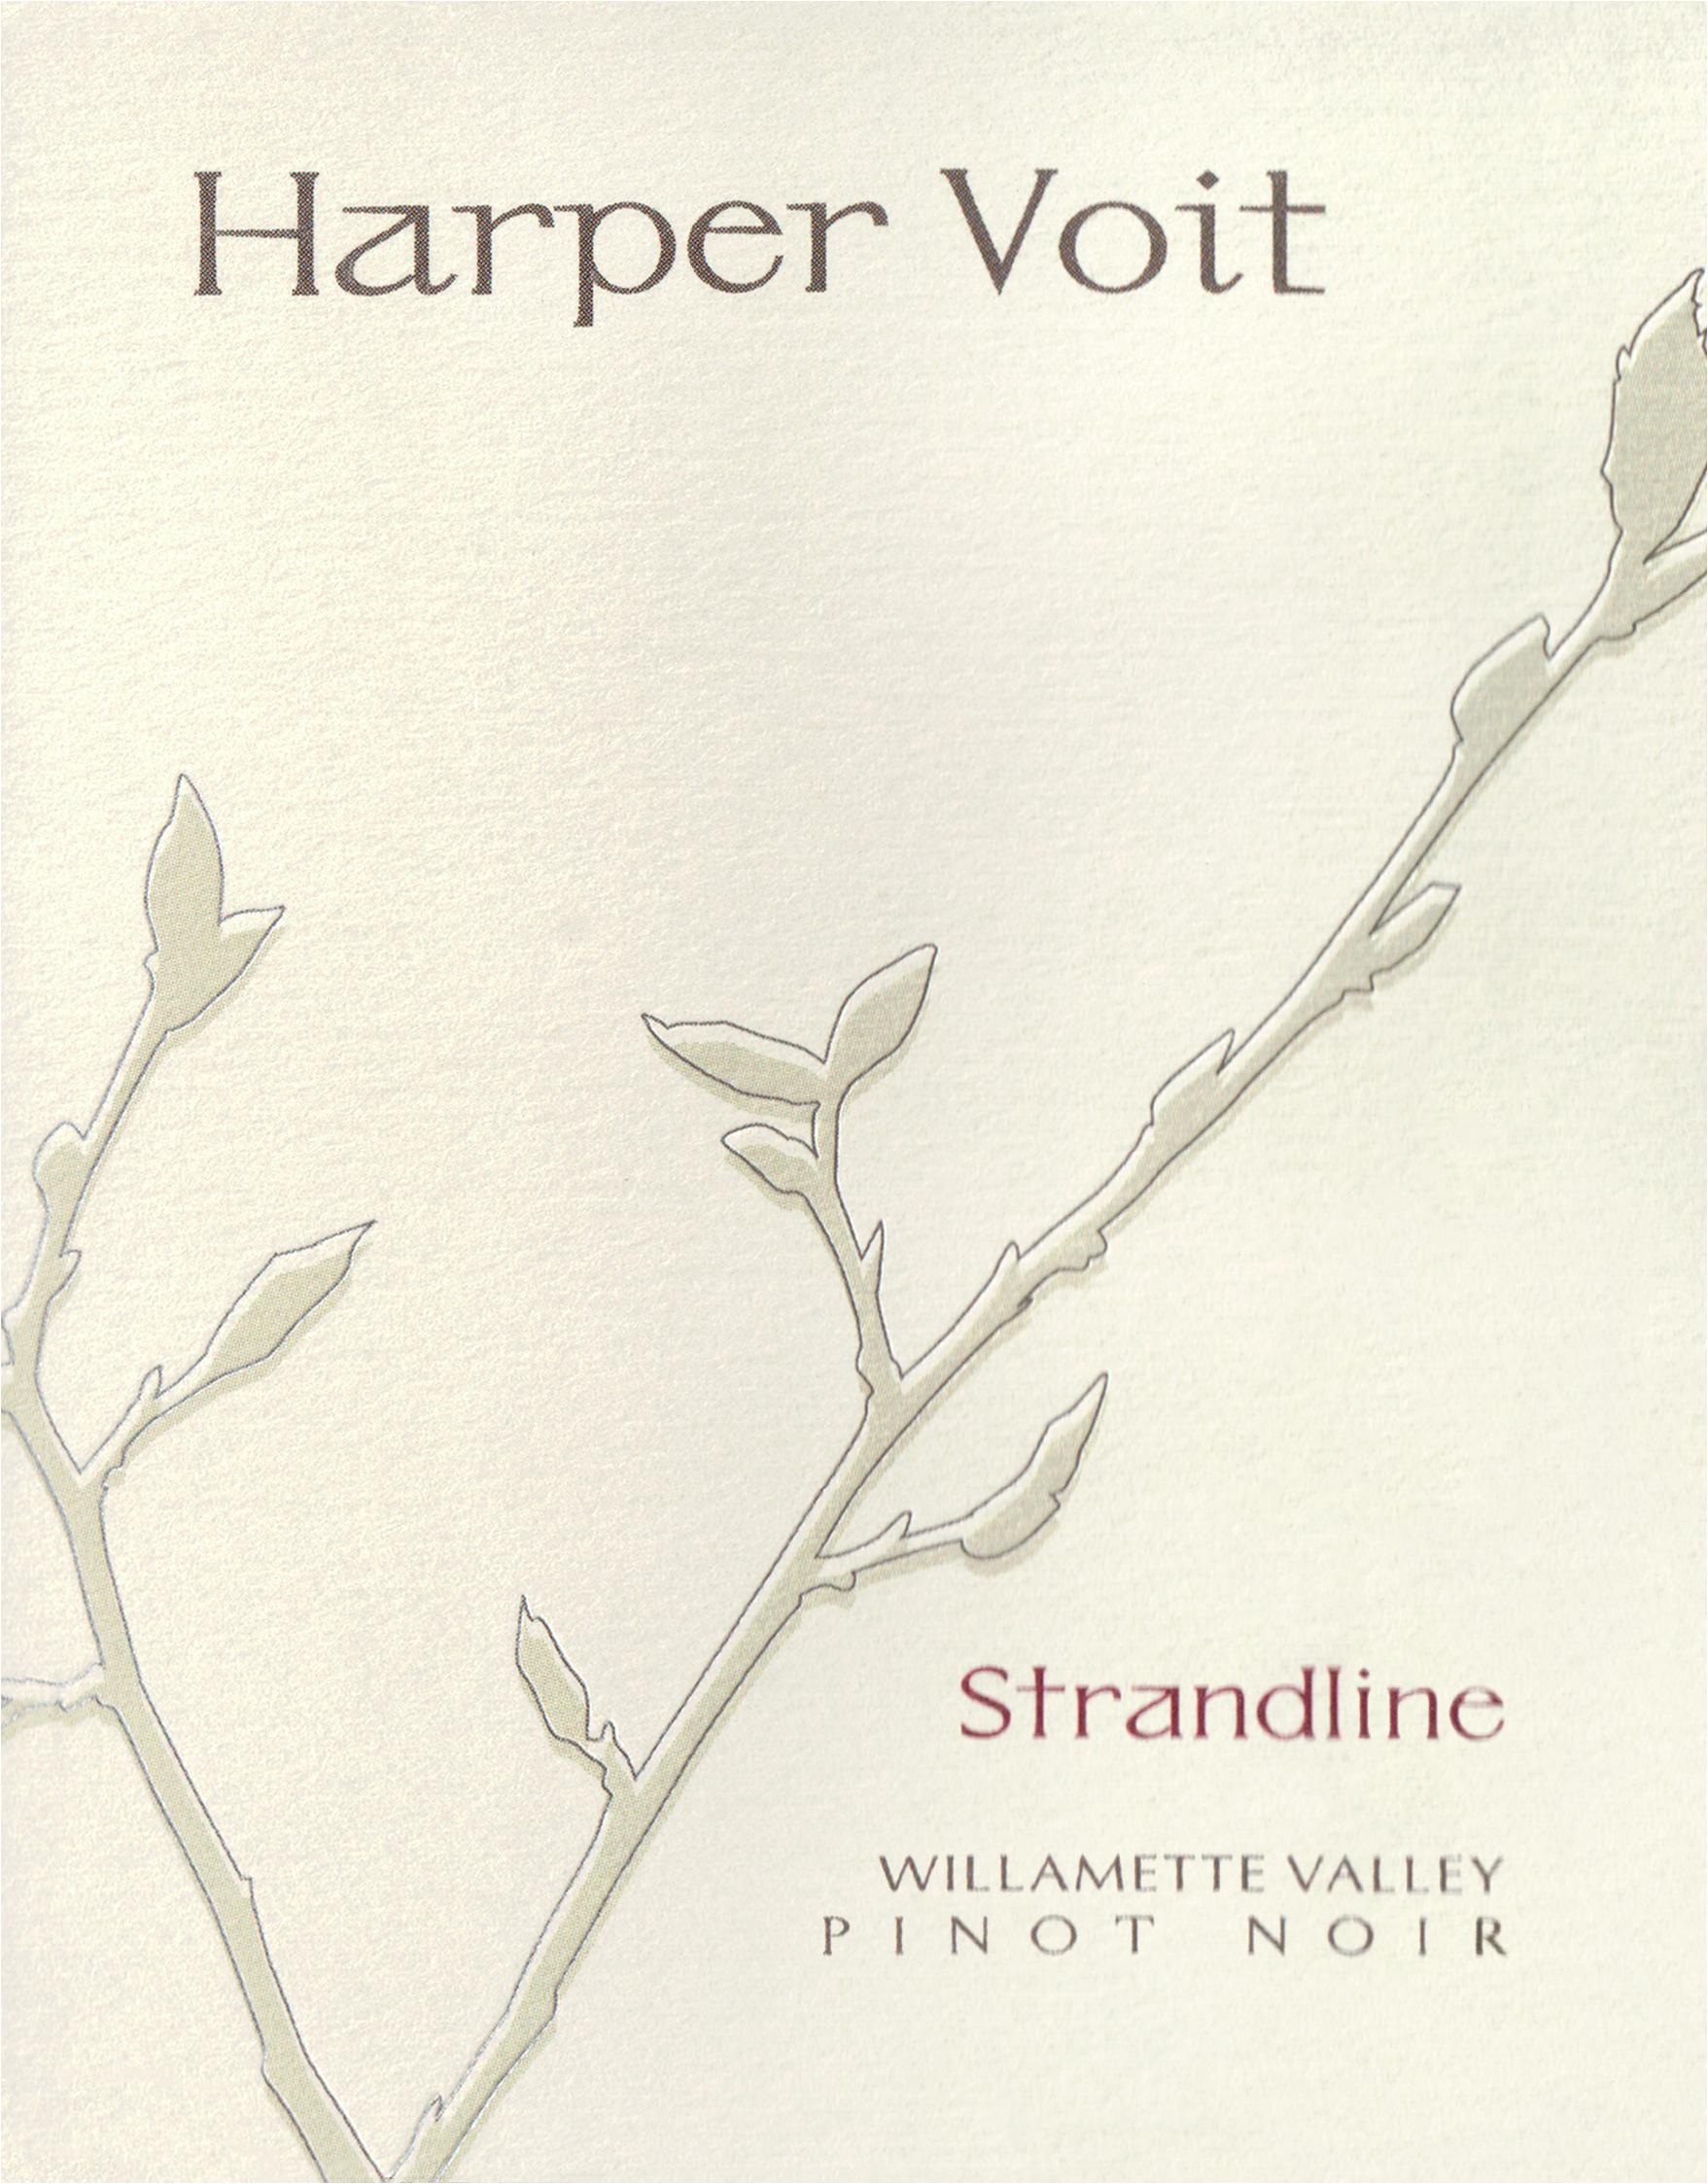 Harper Voit Pinot Noir Strandline 2016